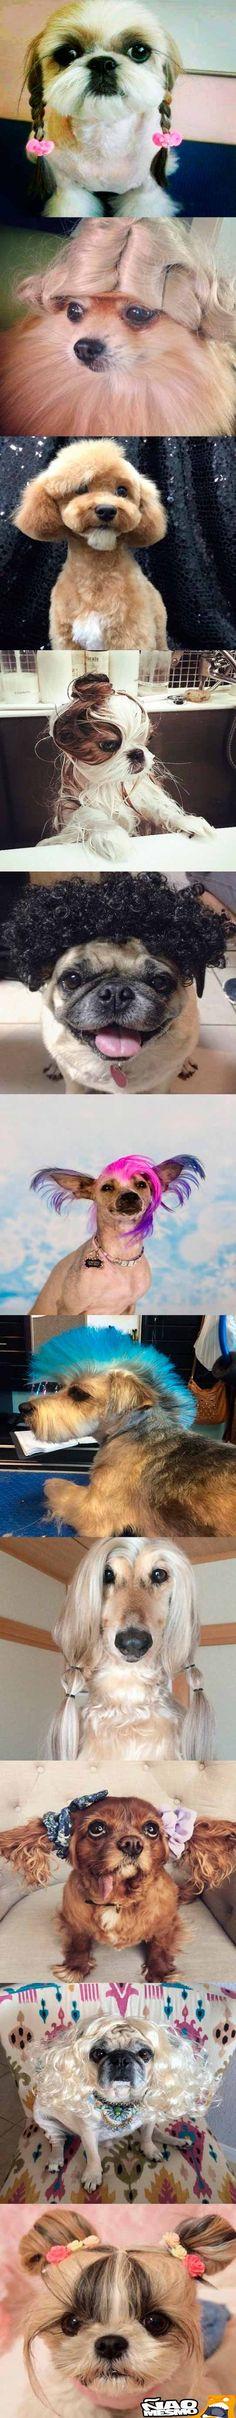 cachorros-estilosos-1